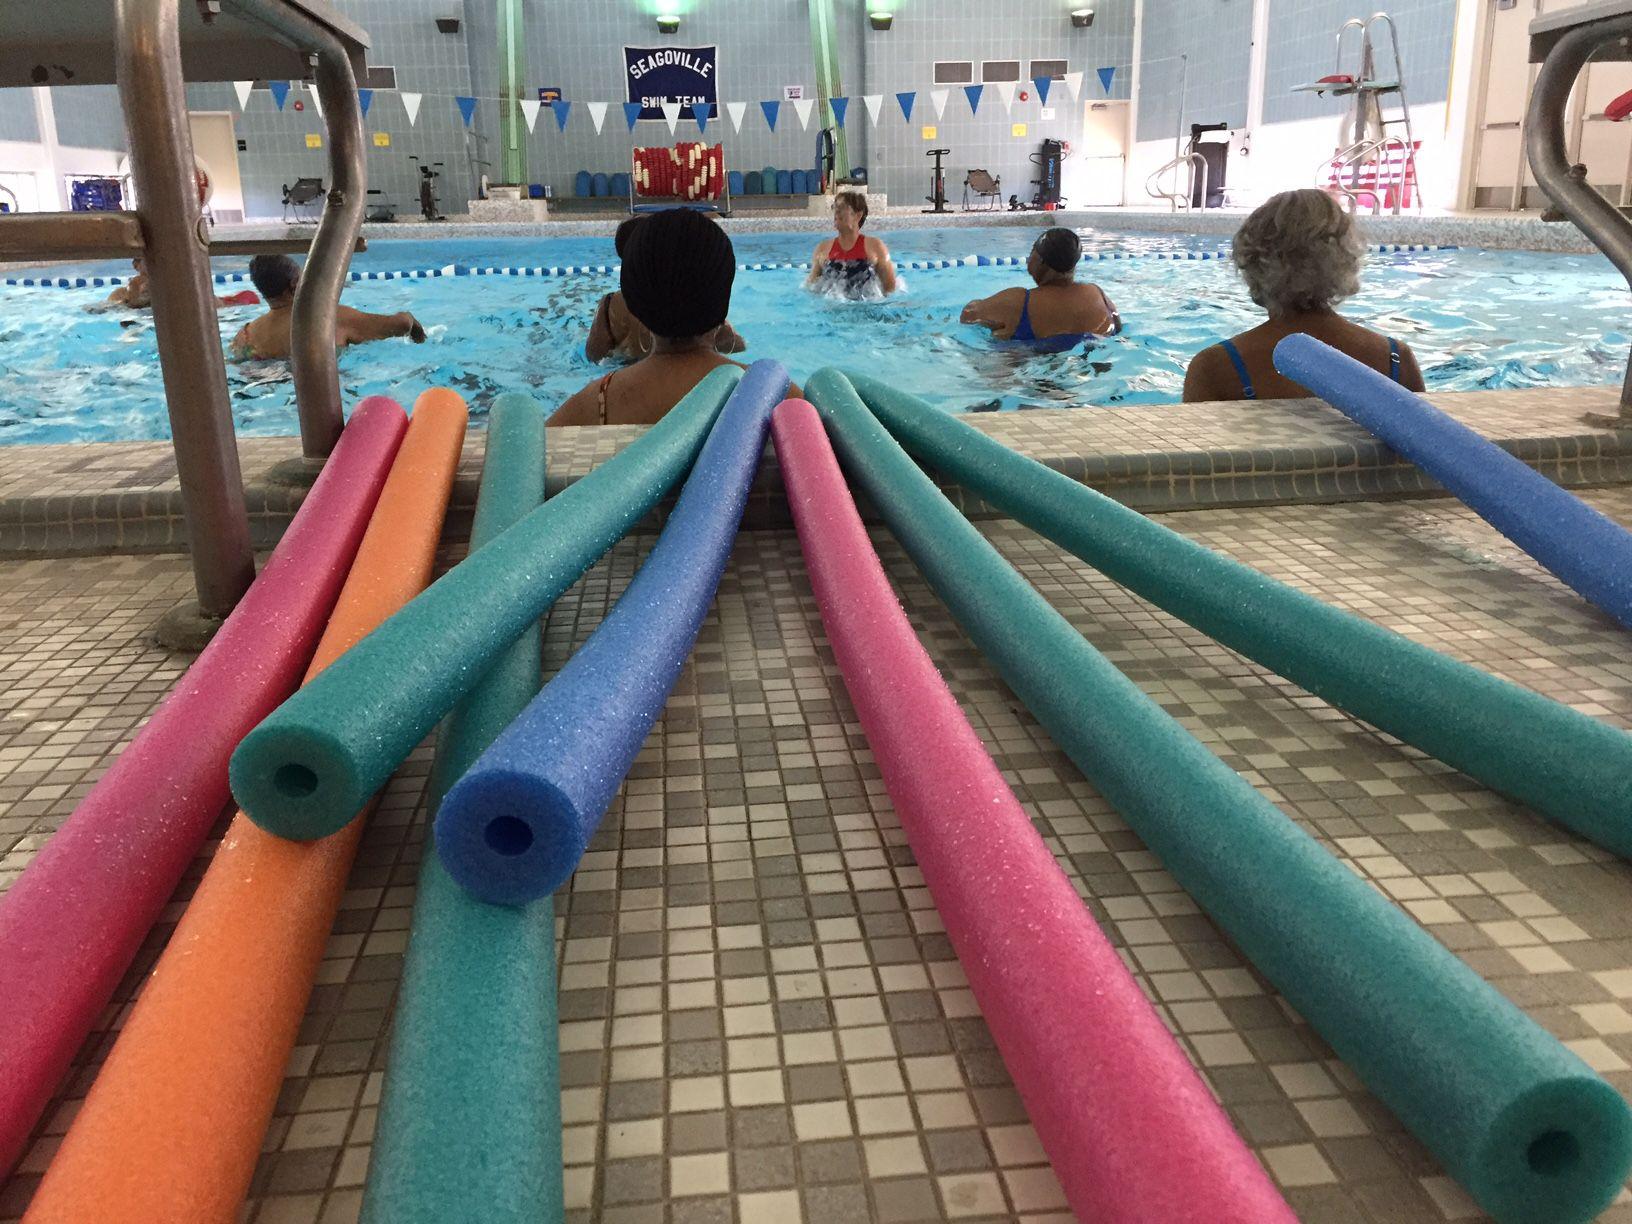 Alianza entre el DISD y la ciudad de Dallas busca que estudiantes y adultos de la tercera edad tengan más acceso a clases de natación y actividades acuáticas. (ANA AZPURUA/AL DÍA)